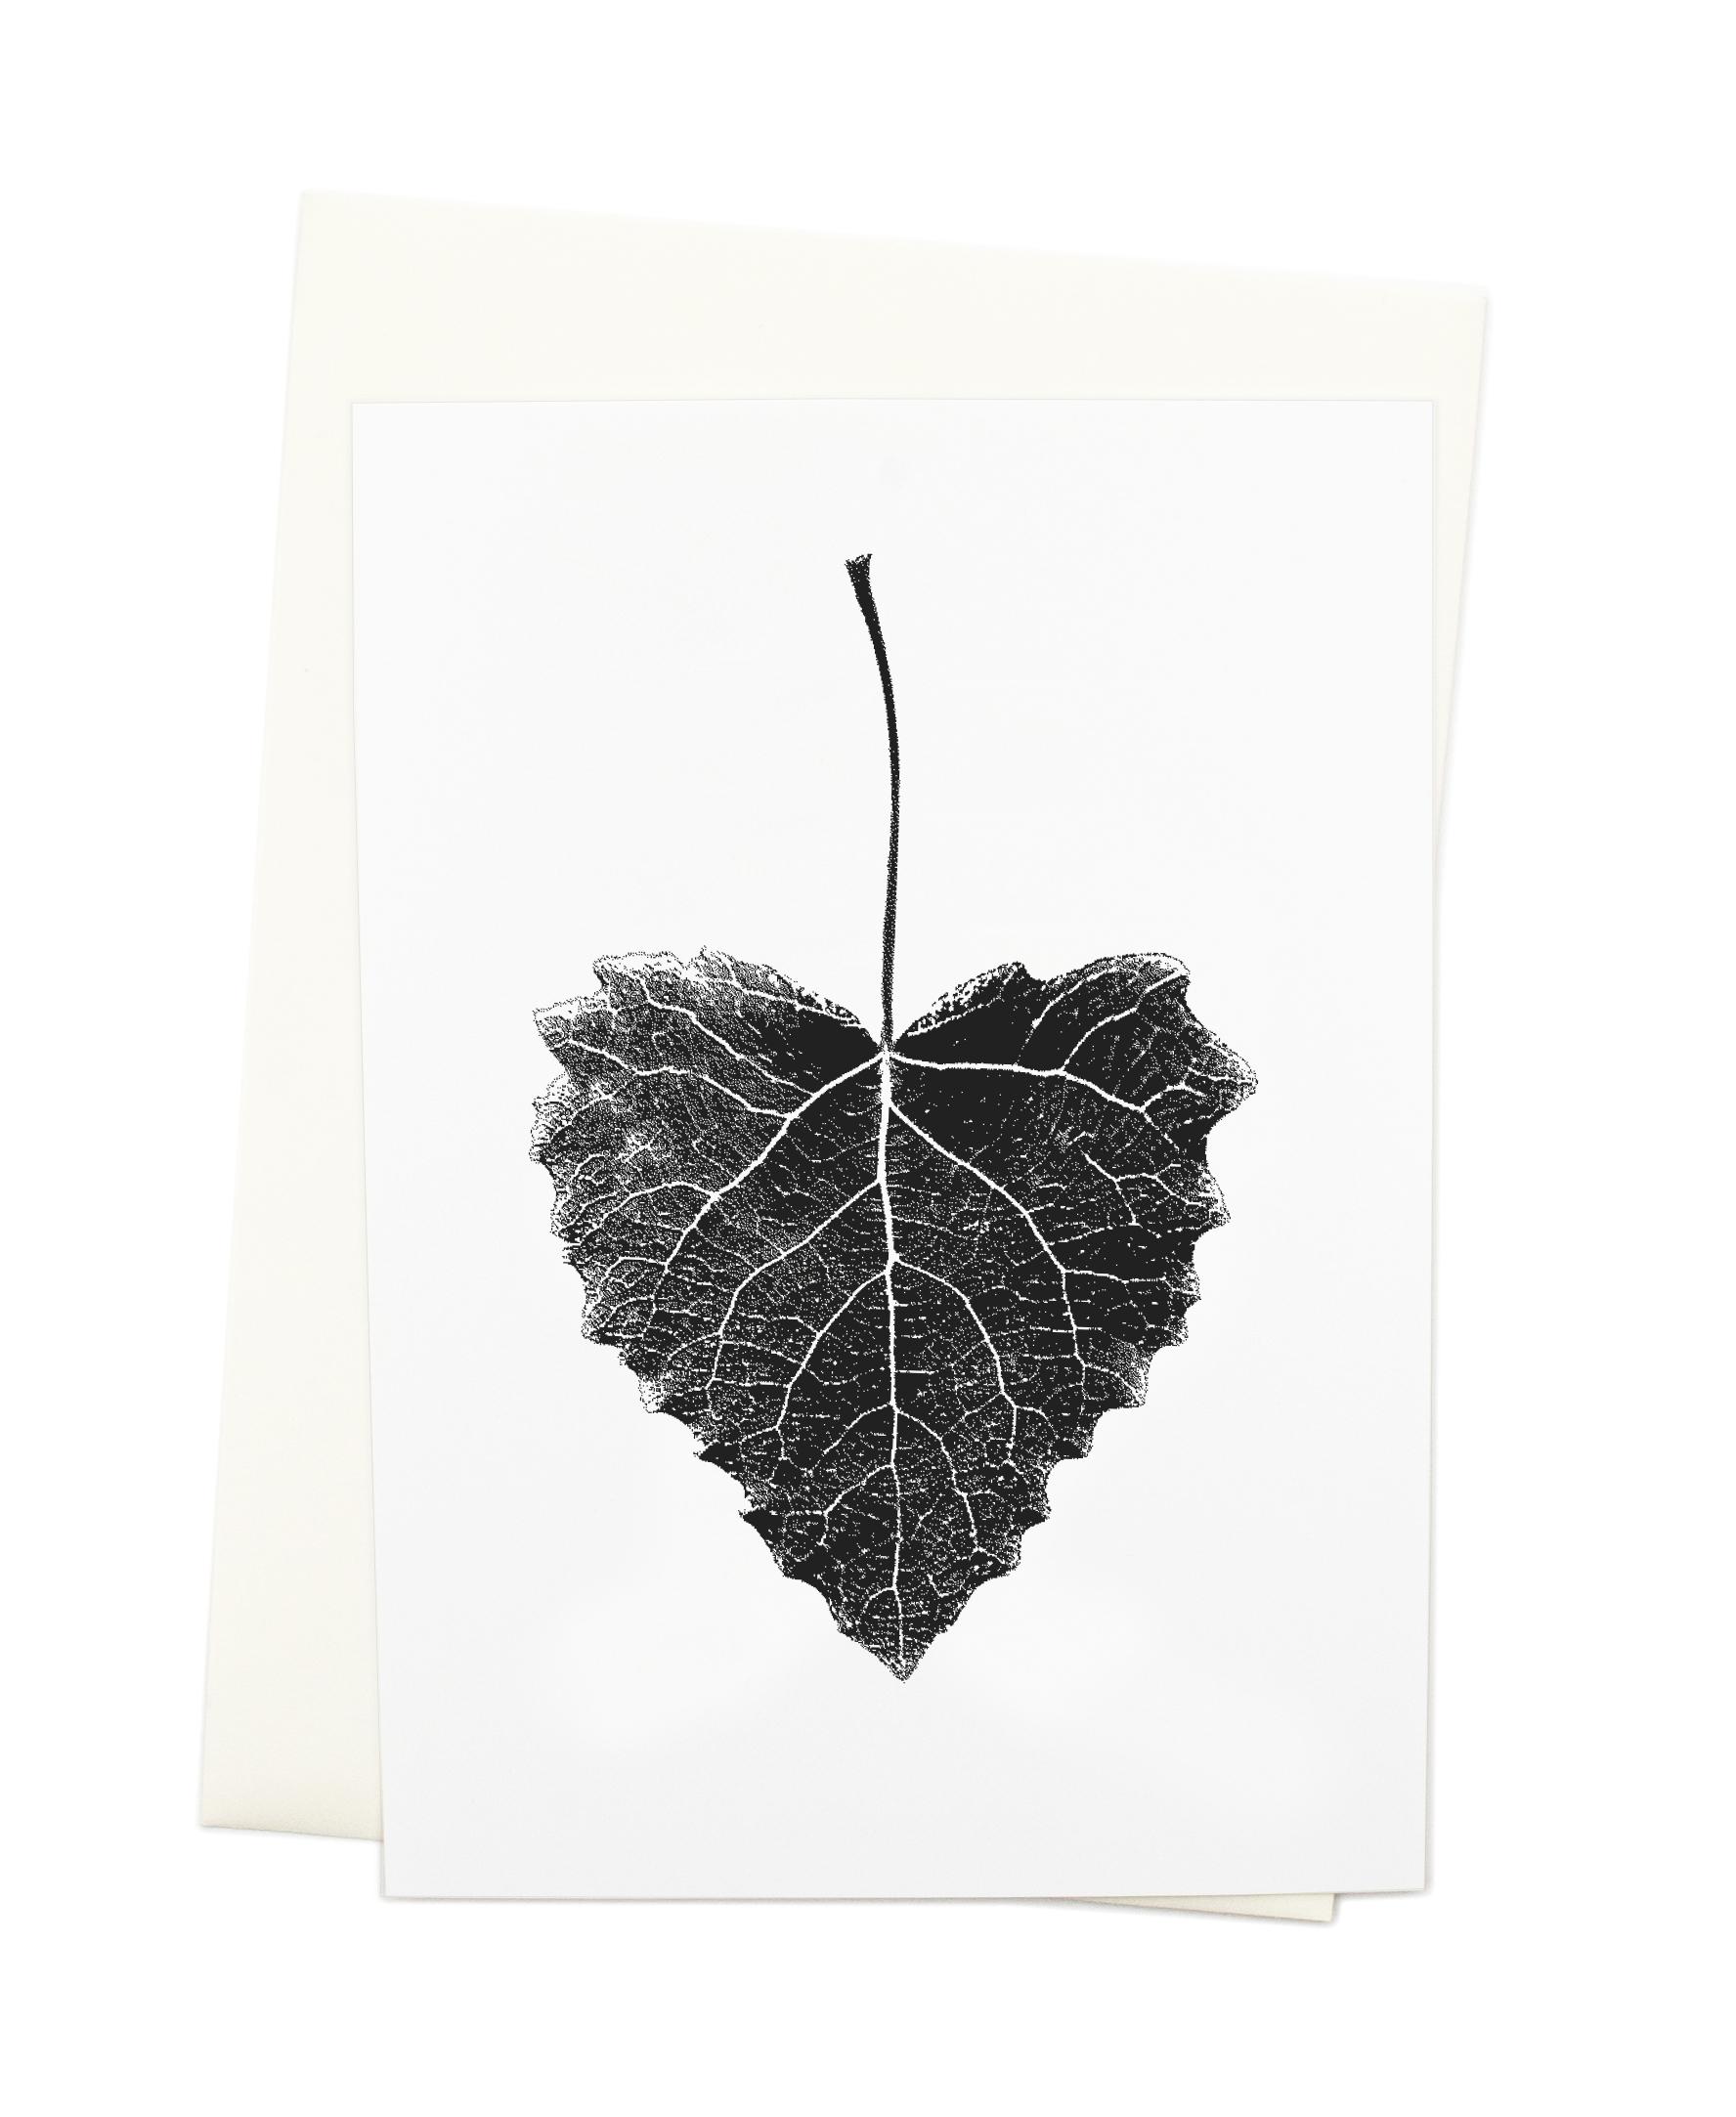 kort_A5-kuvert-Loov.jpg